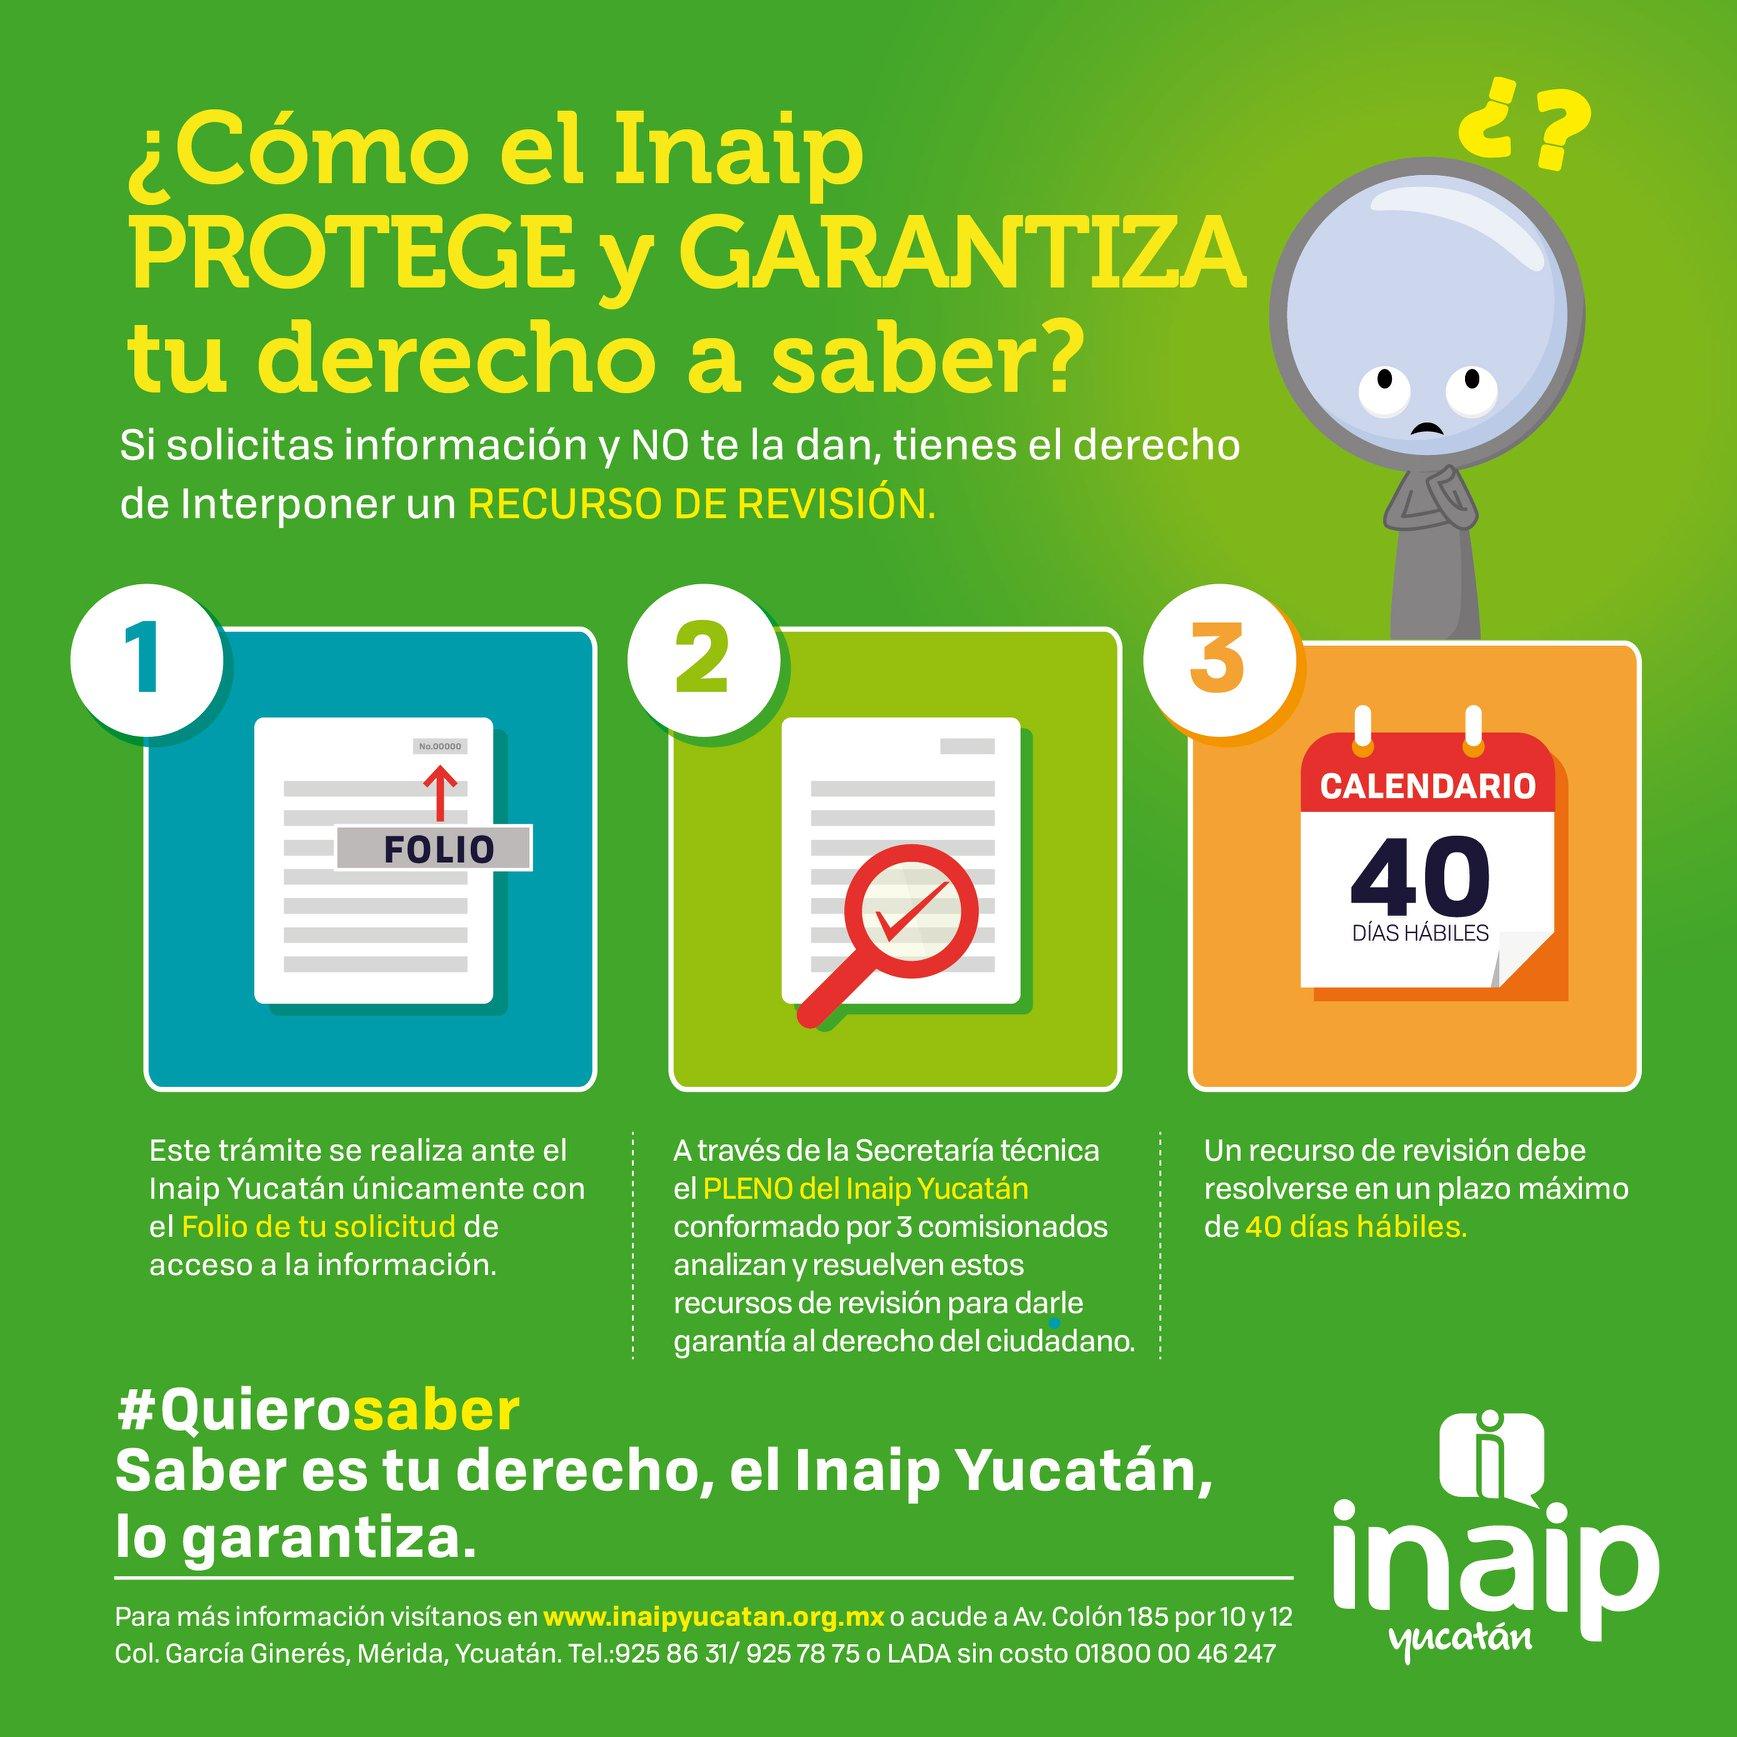 ¿Cómo el Inaip protege y garantiza tu derecho a saber?